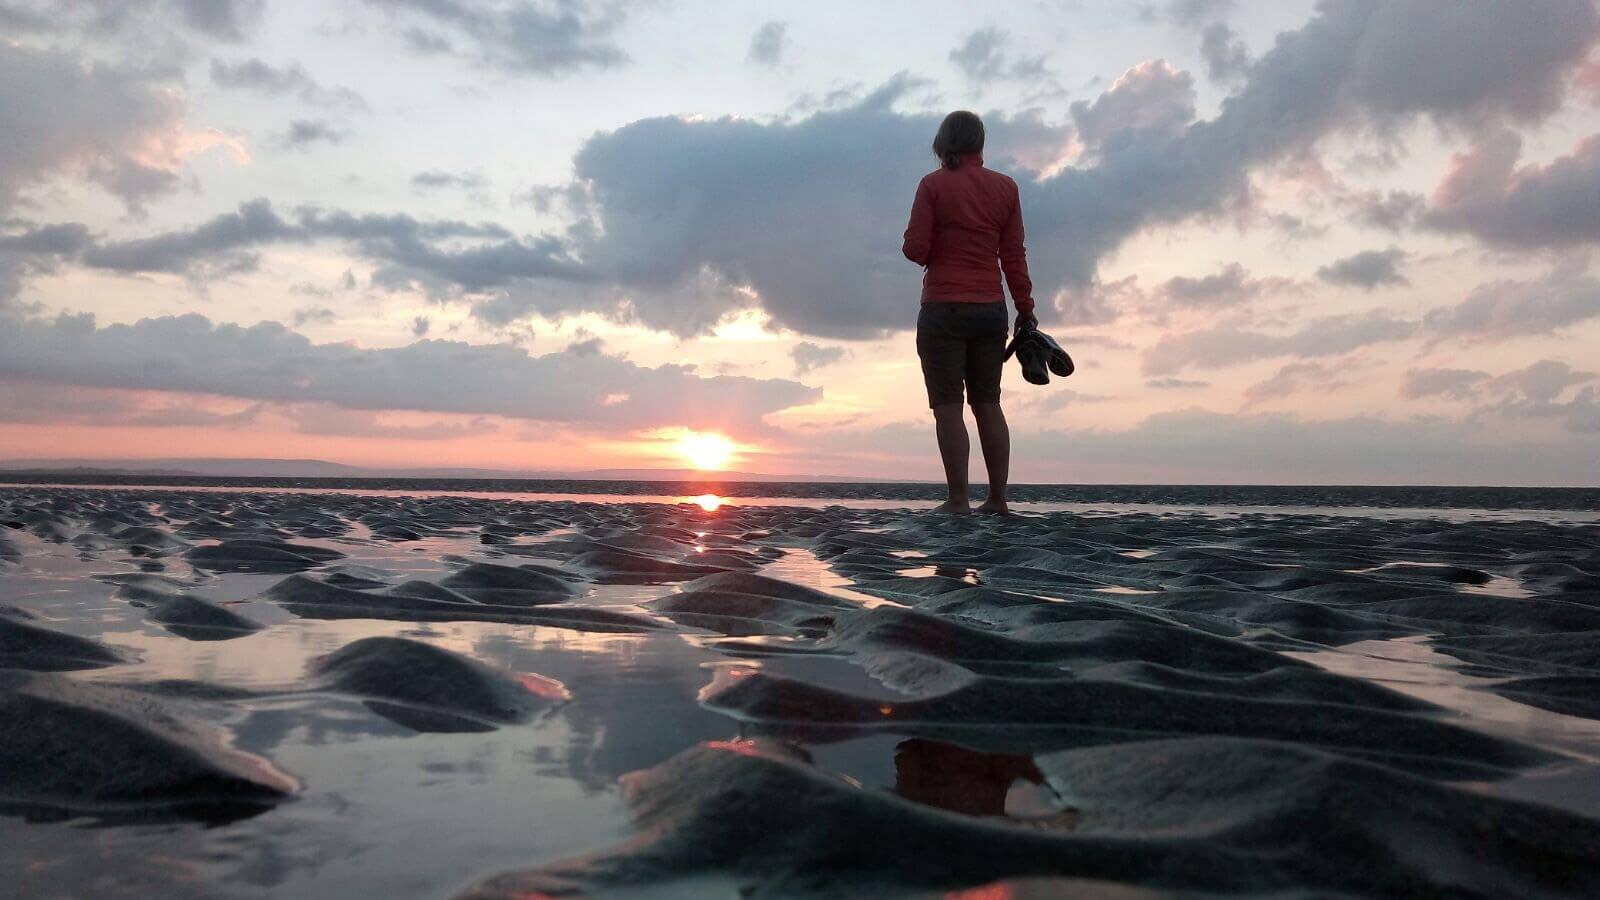 Female stands watching the sunset over Enniscrone beach in Sligo, Ireland